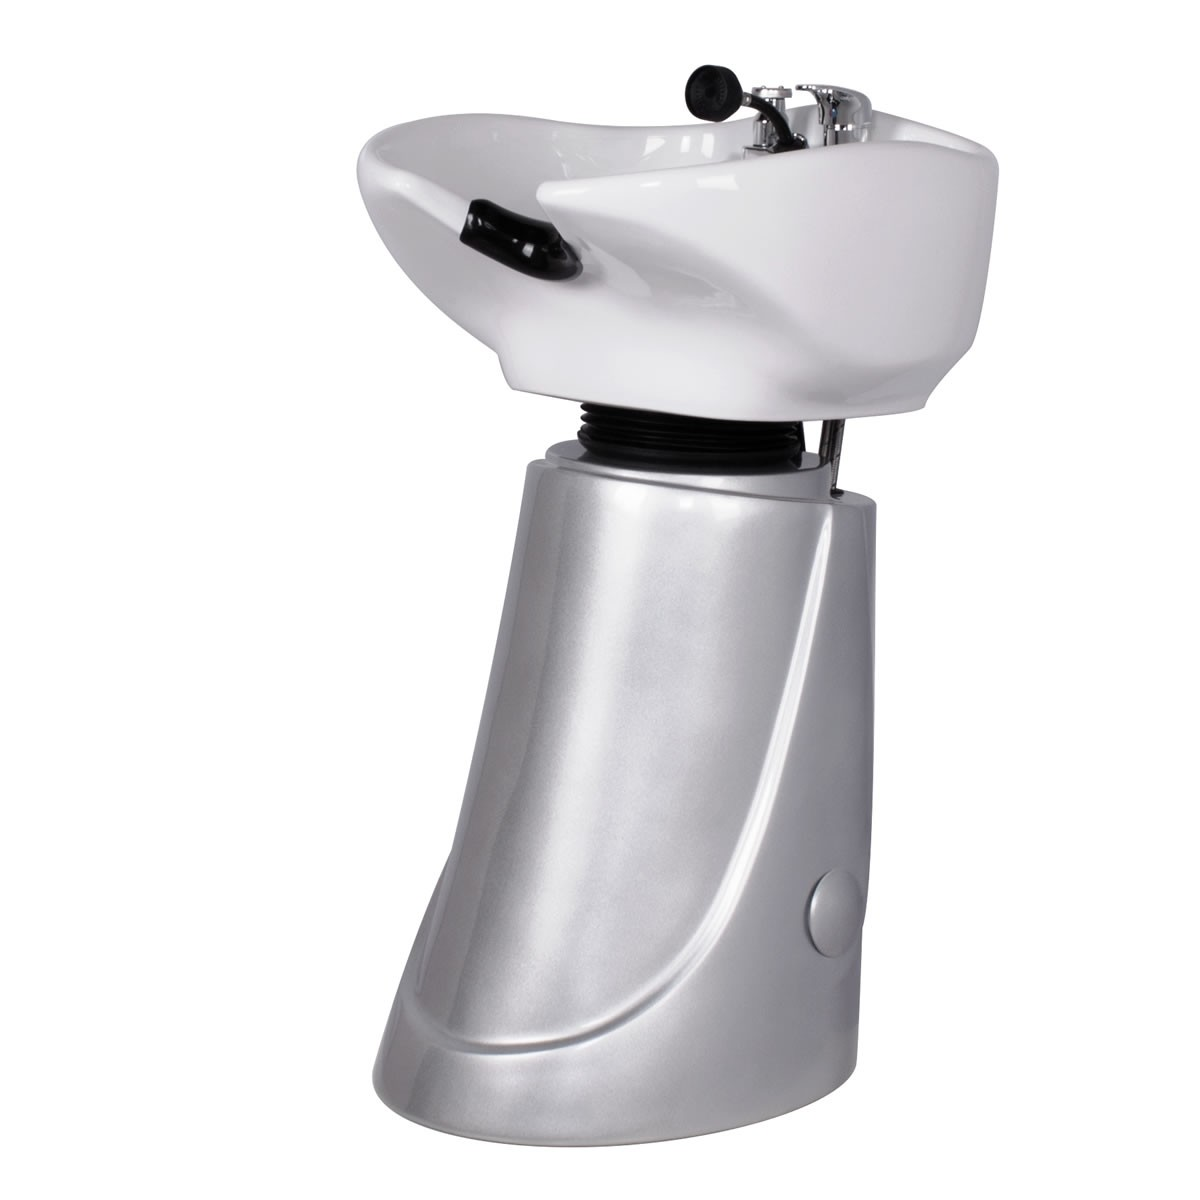 Compact Shampoo Bowl, Compact Shampoo Sink, Compact Shampoo Unit